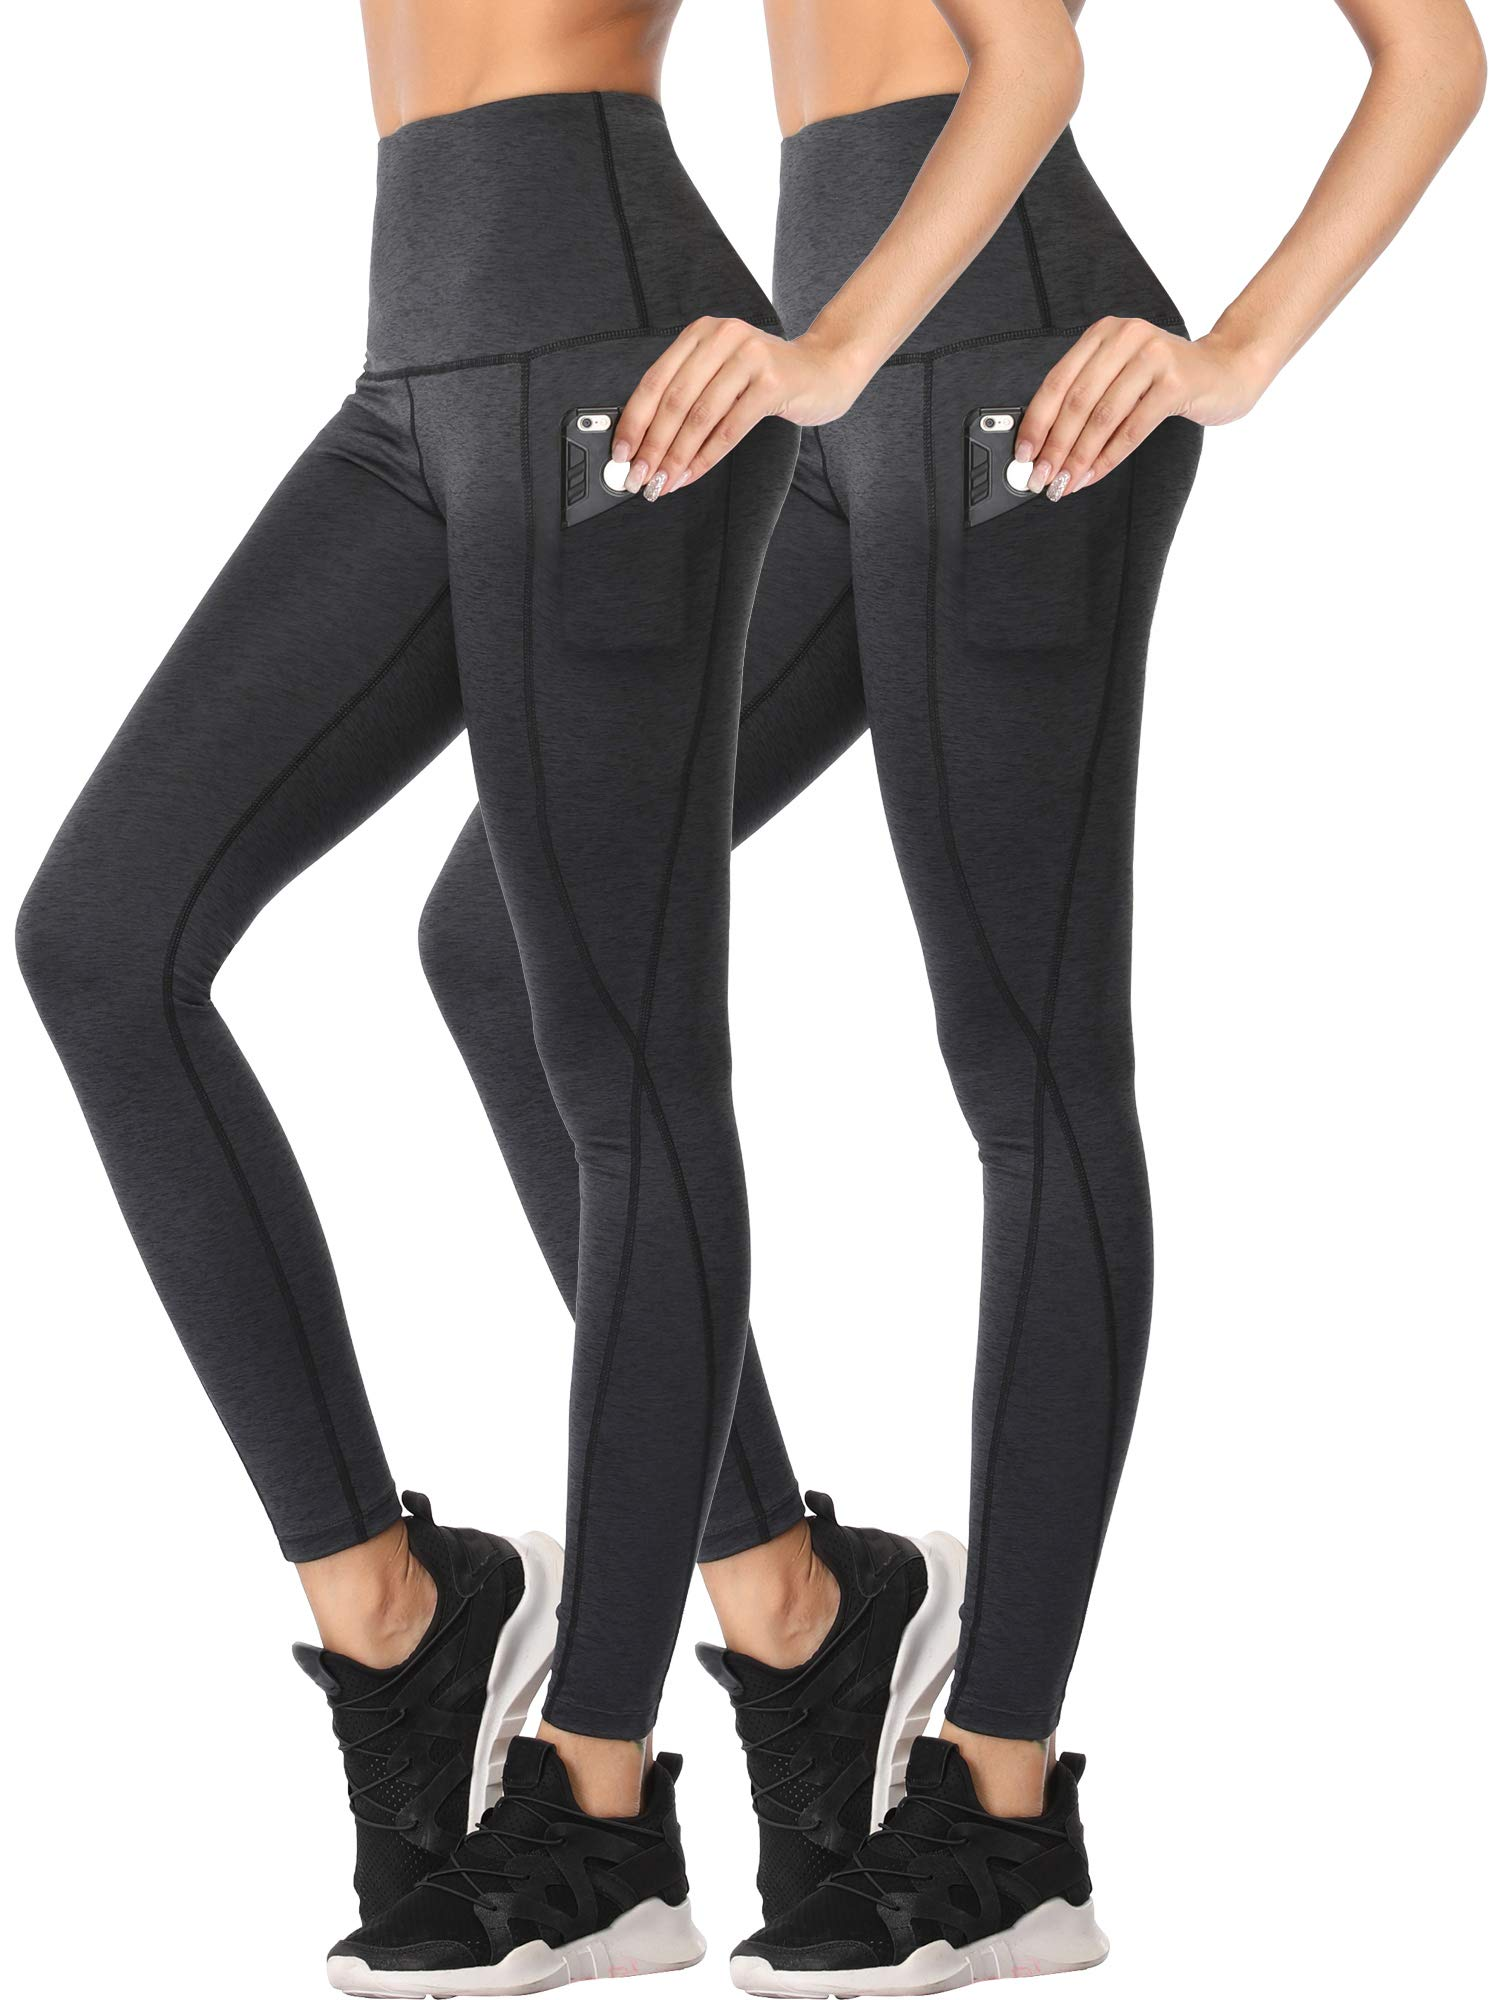 Cadmus Womens Tummy Control Running Leggings for Yoga,1102,Dark Grey,Small